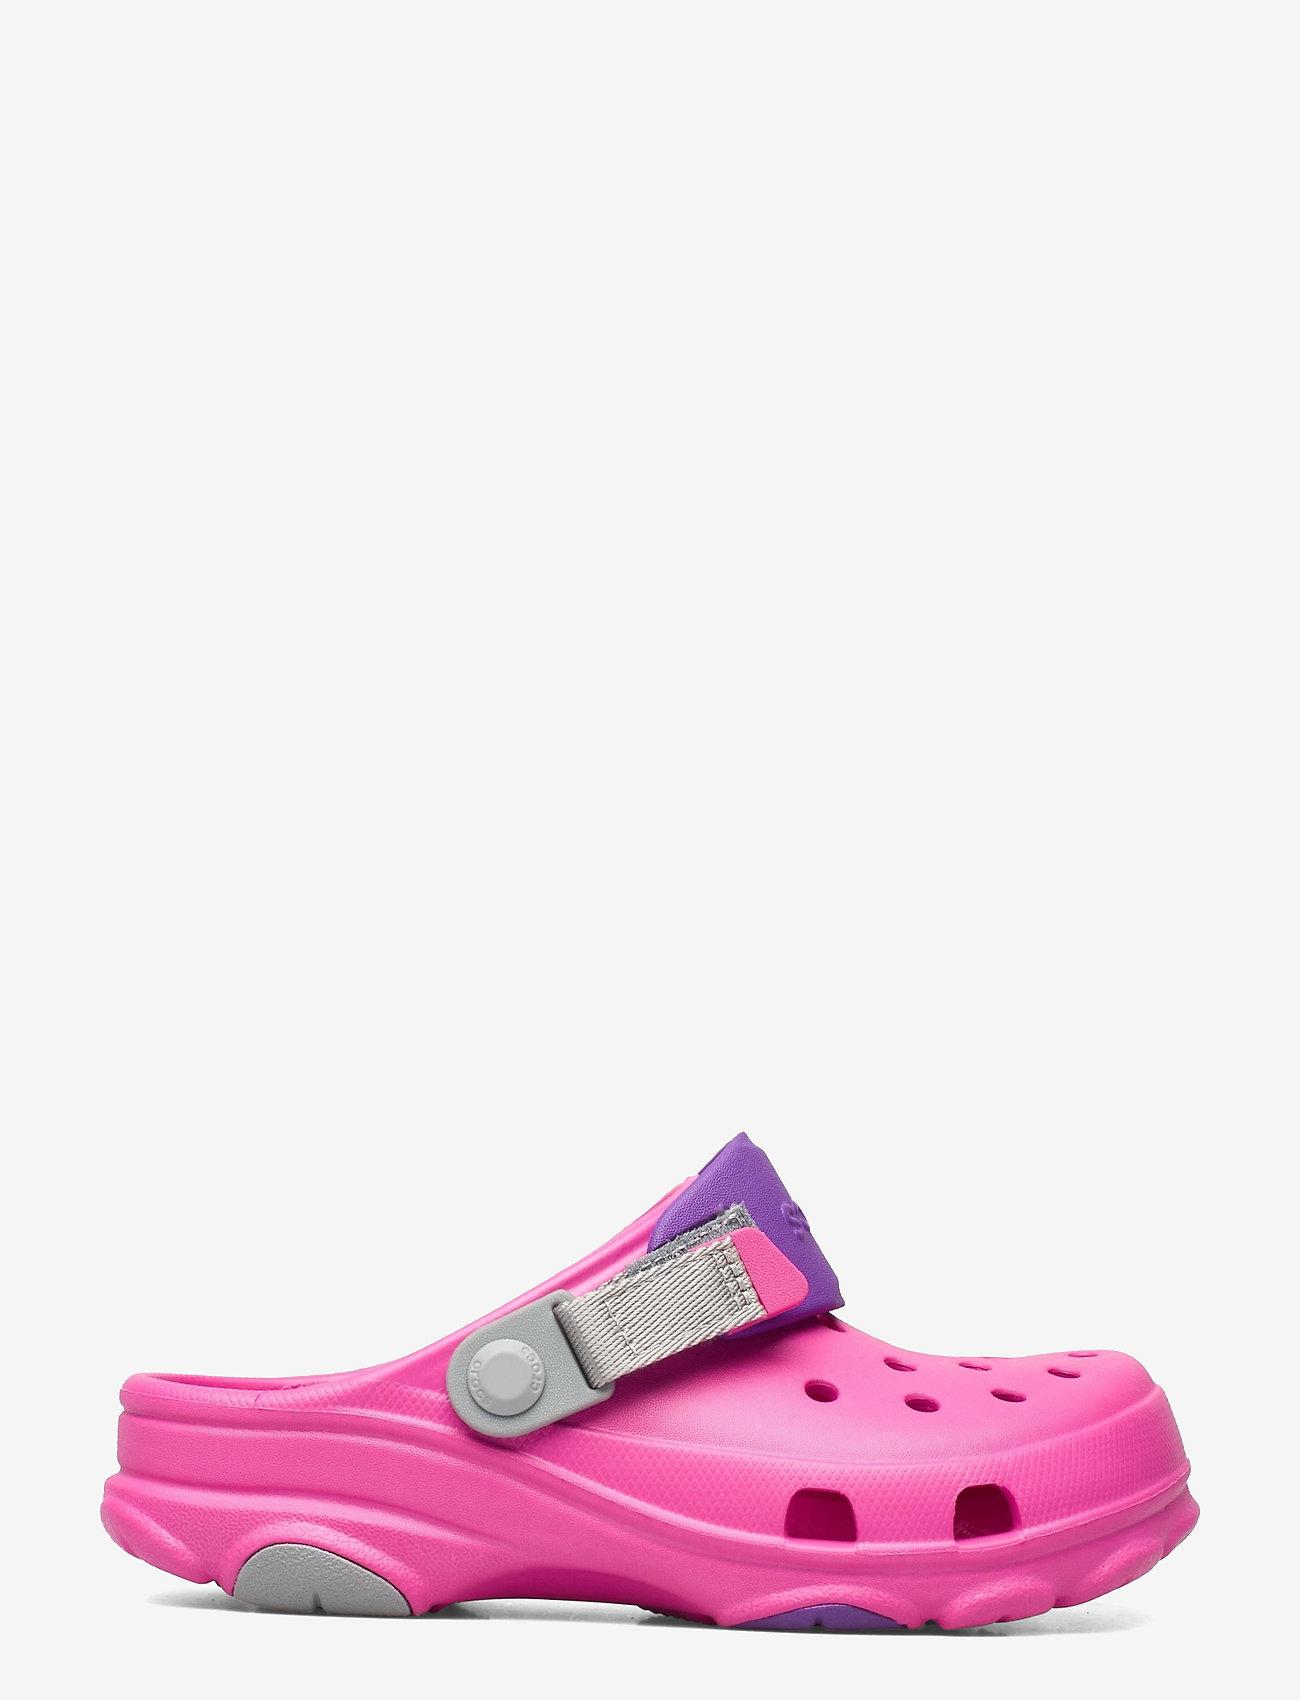 Crocs - Classic All-Terrain Clog K - electric pink - 1